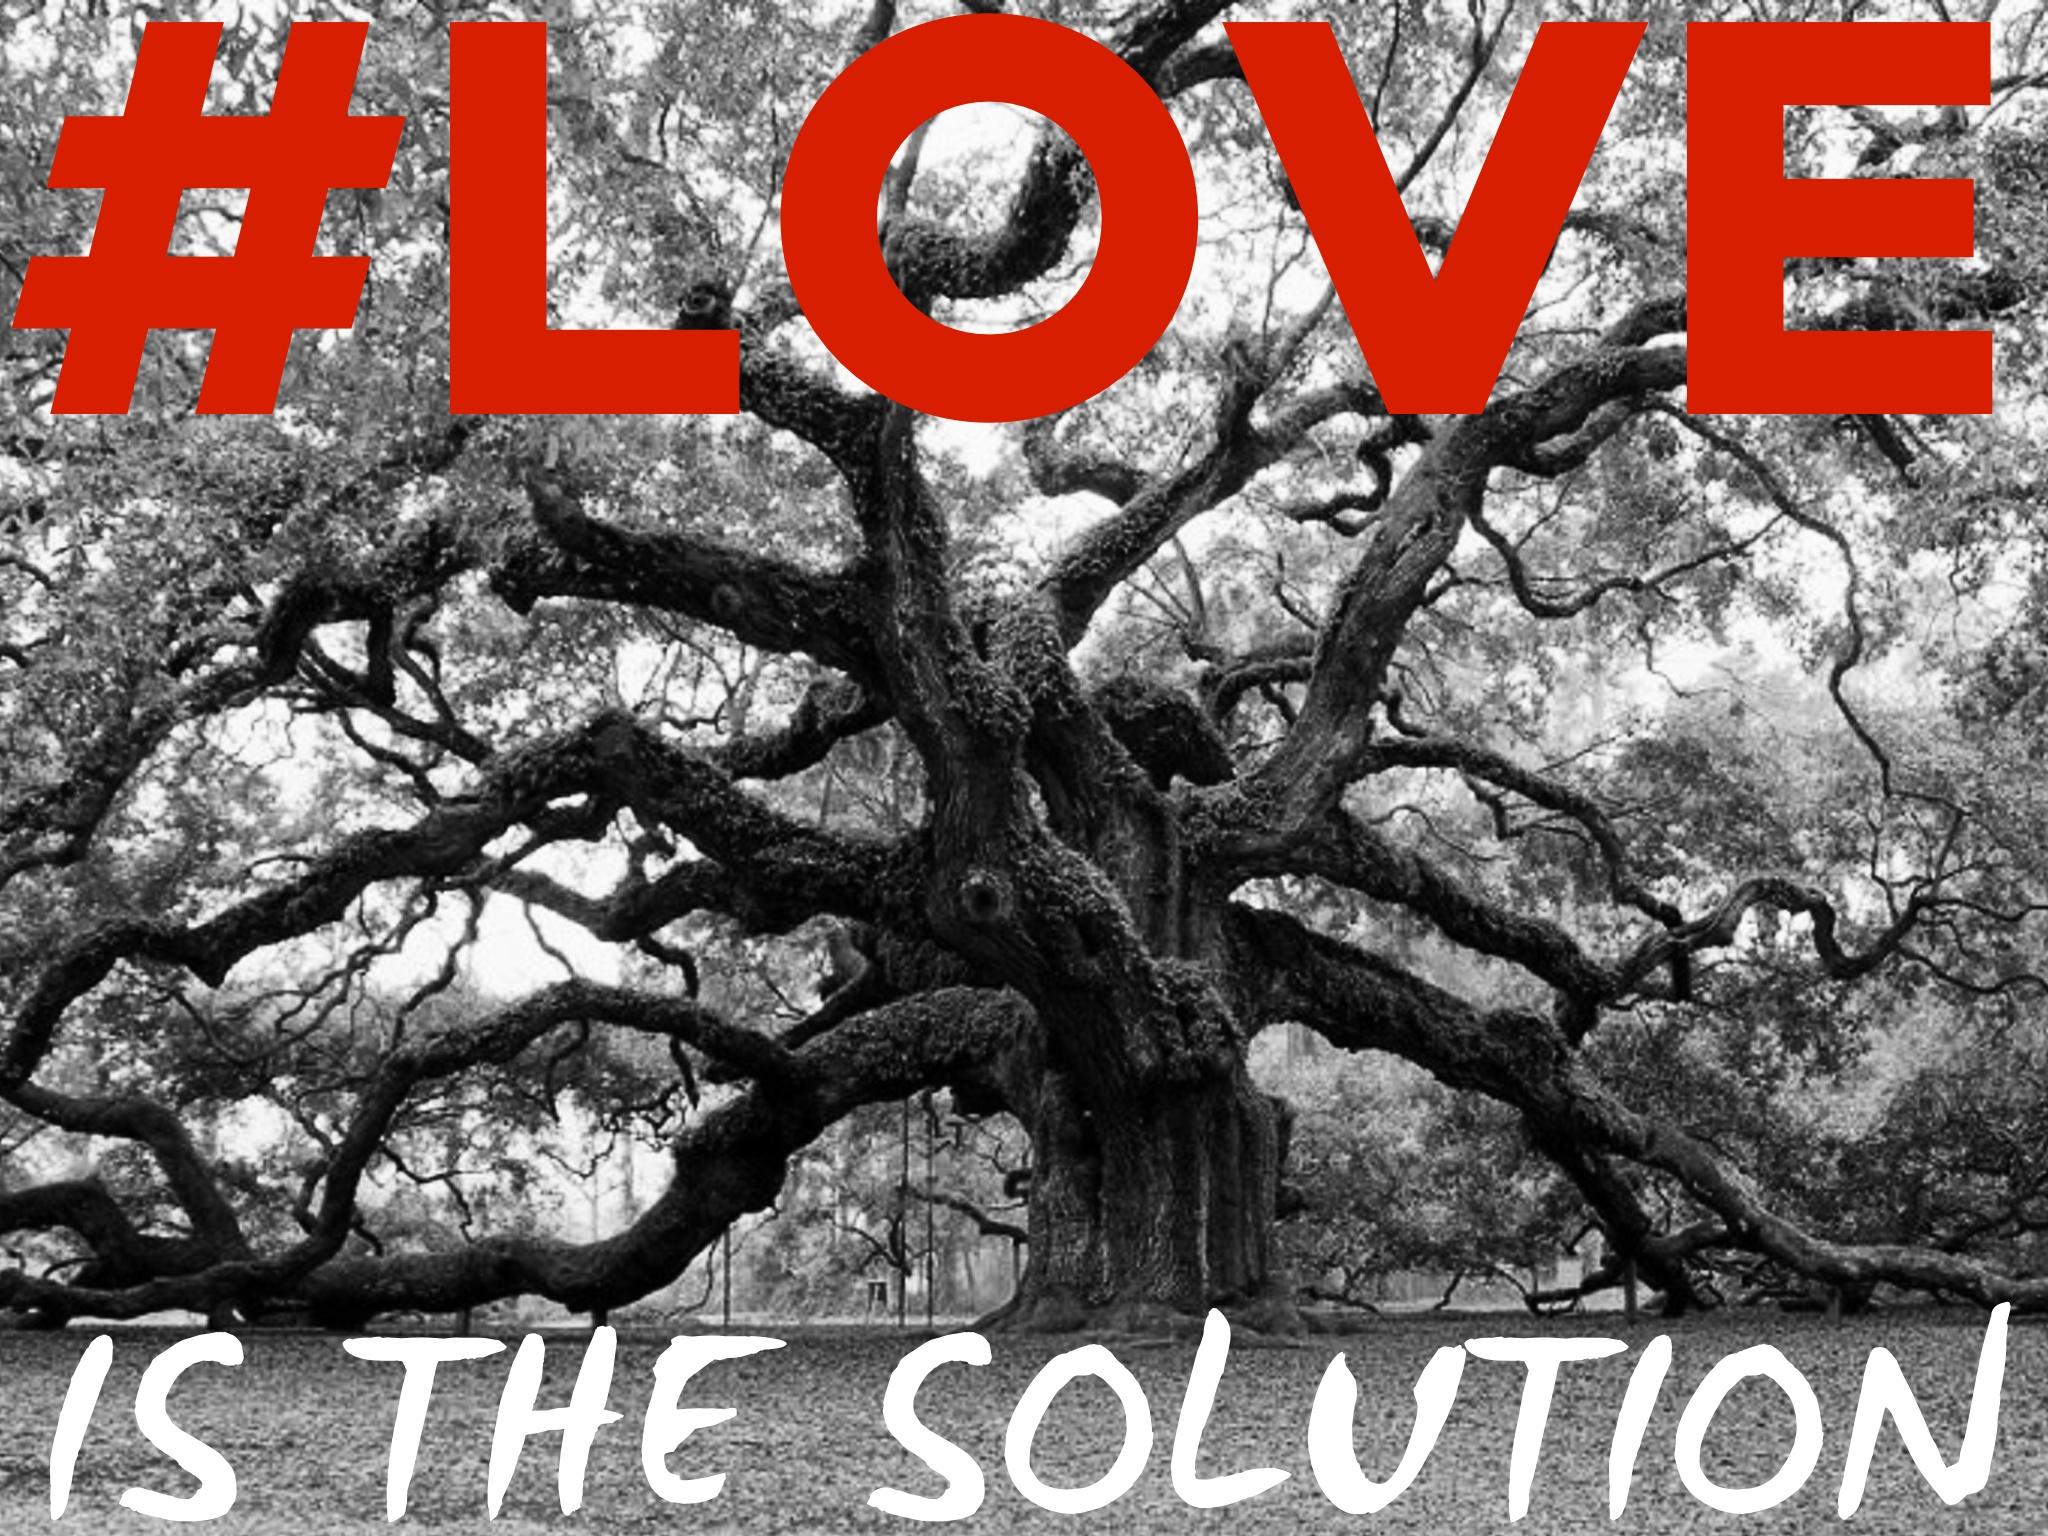 #LOVE giant oak tree - Dr Reese Halter.jpg